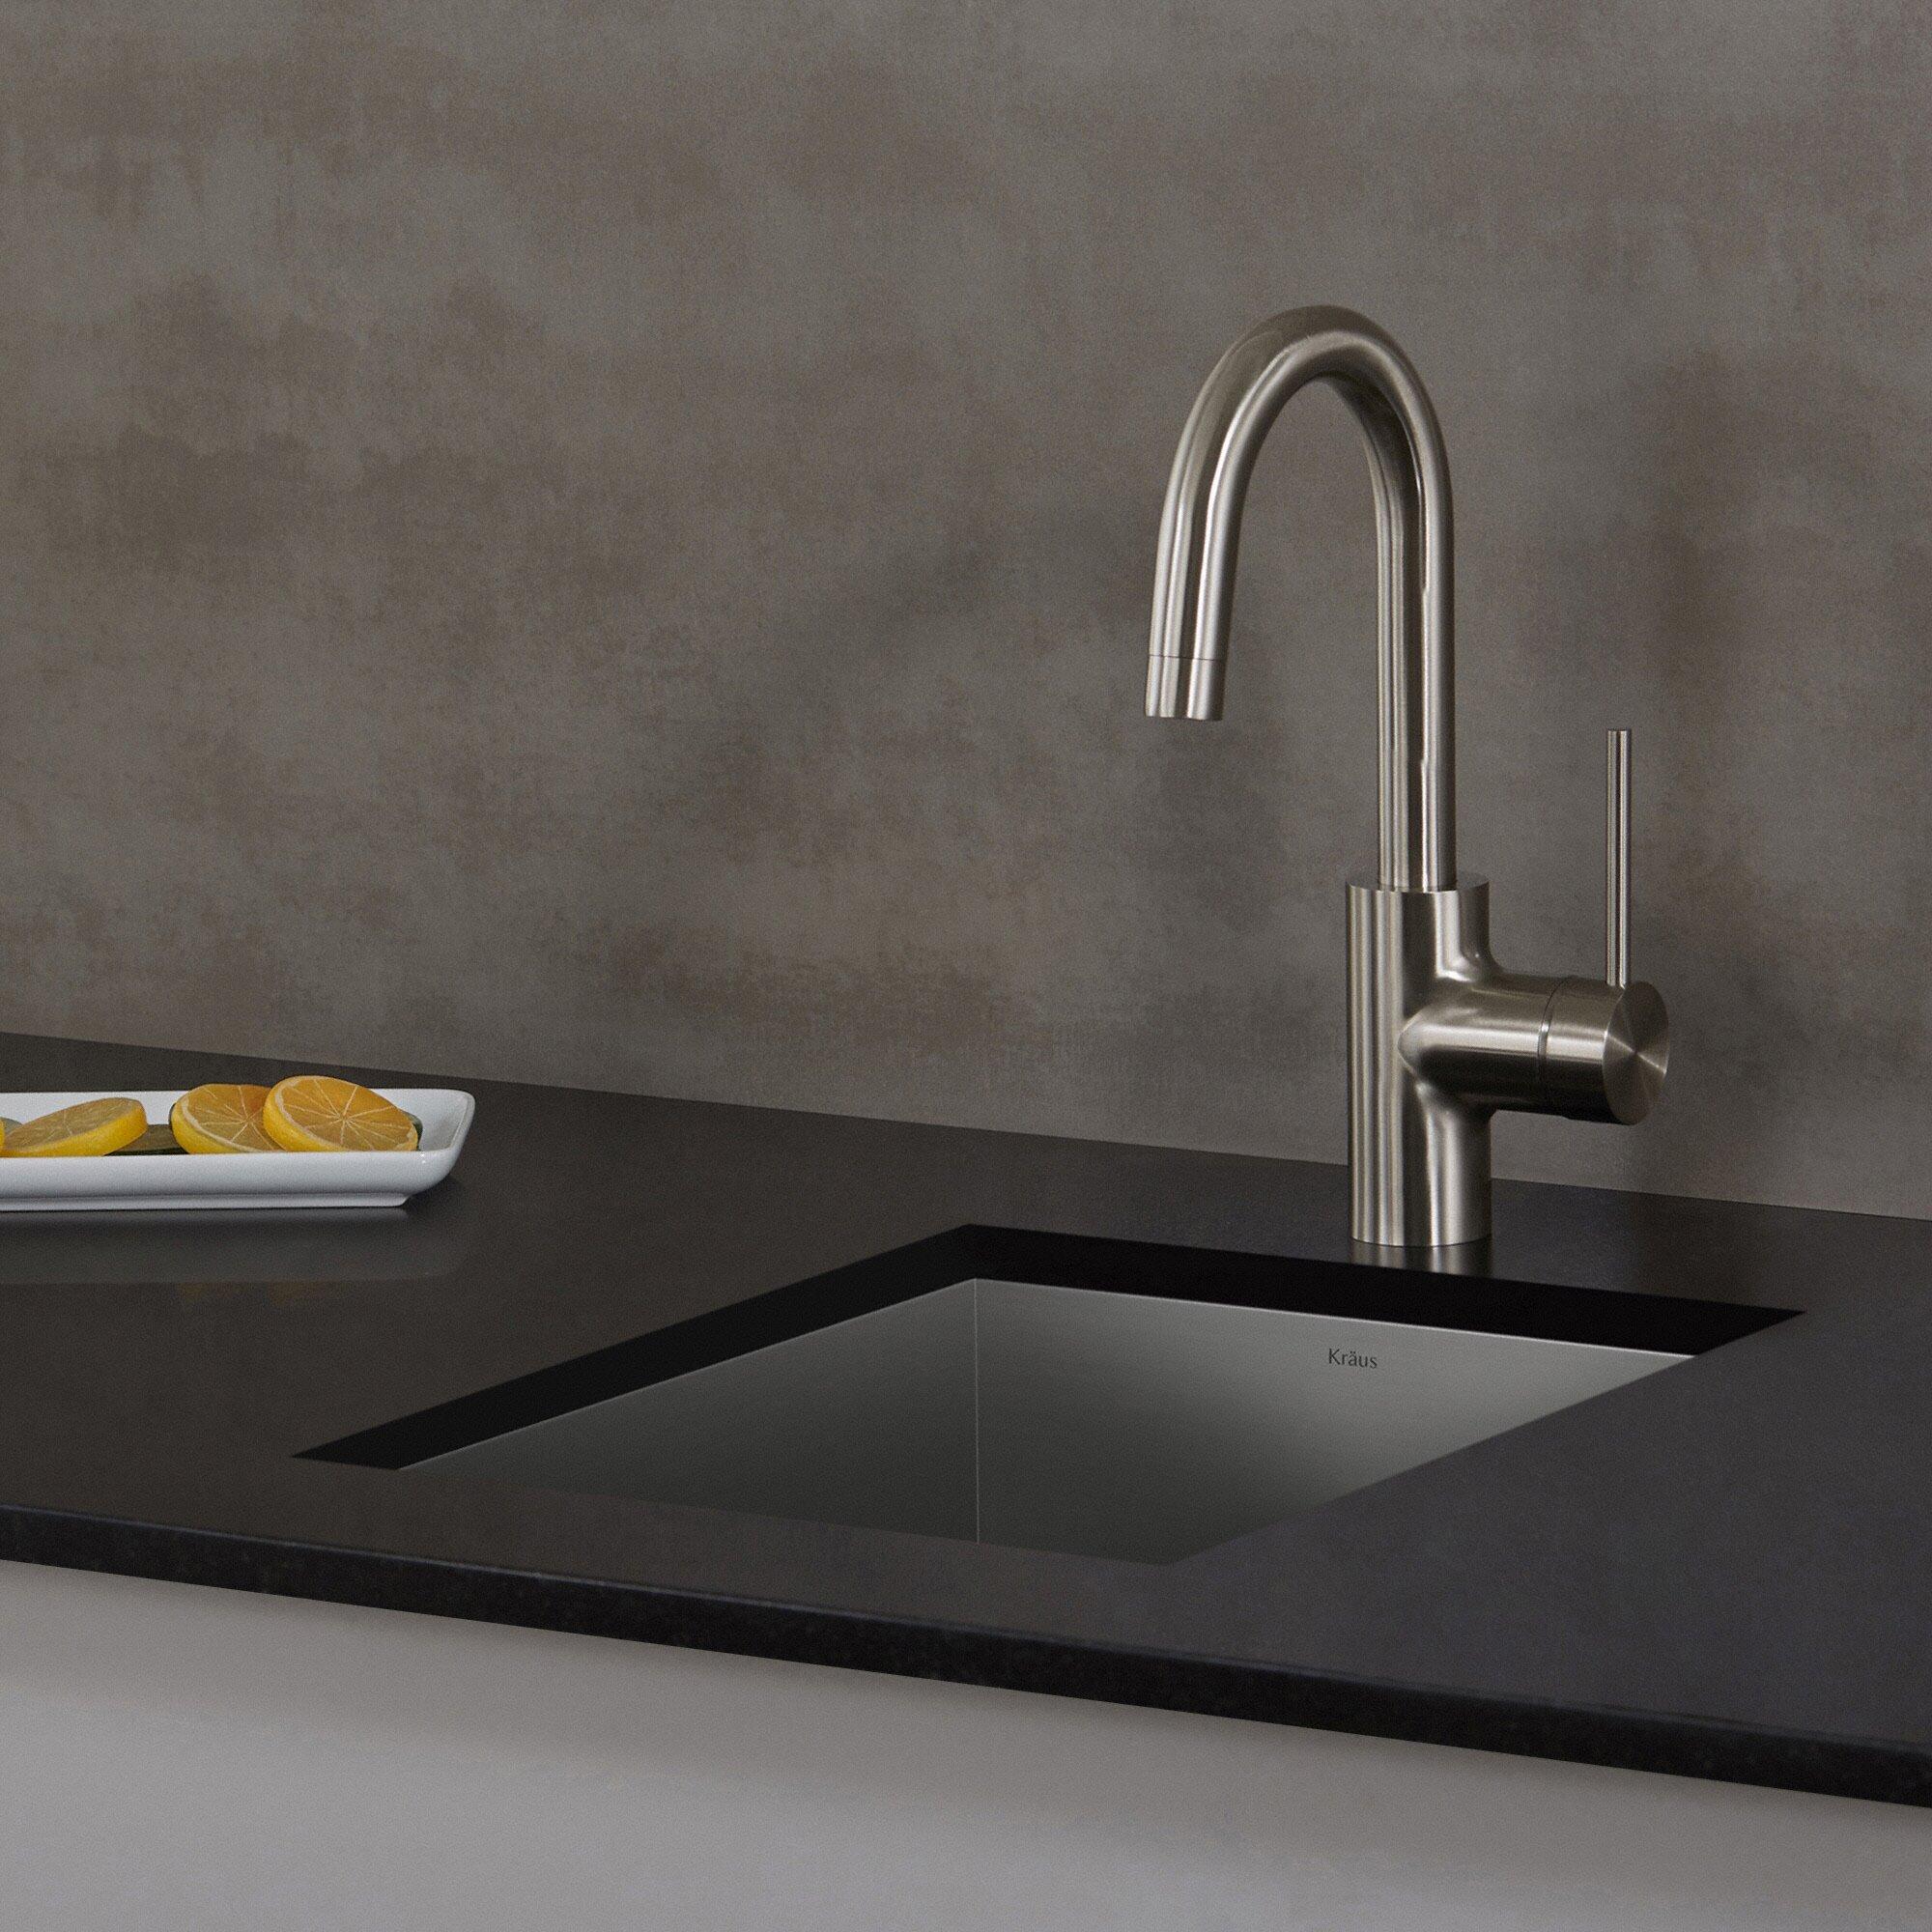 Kraus Kitchen Sinks Canada : Kraus Pax 14.5